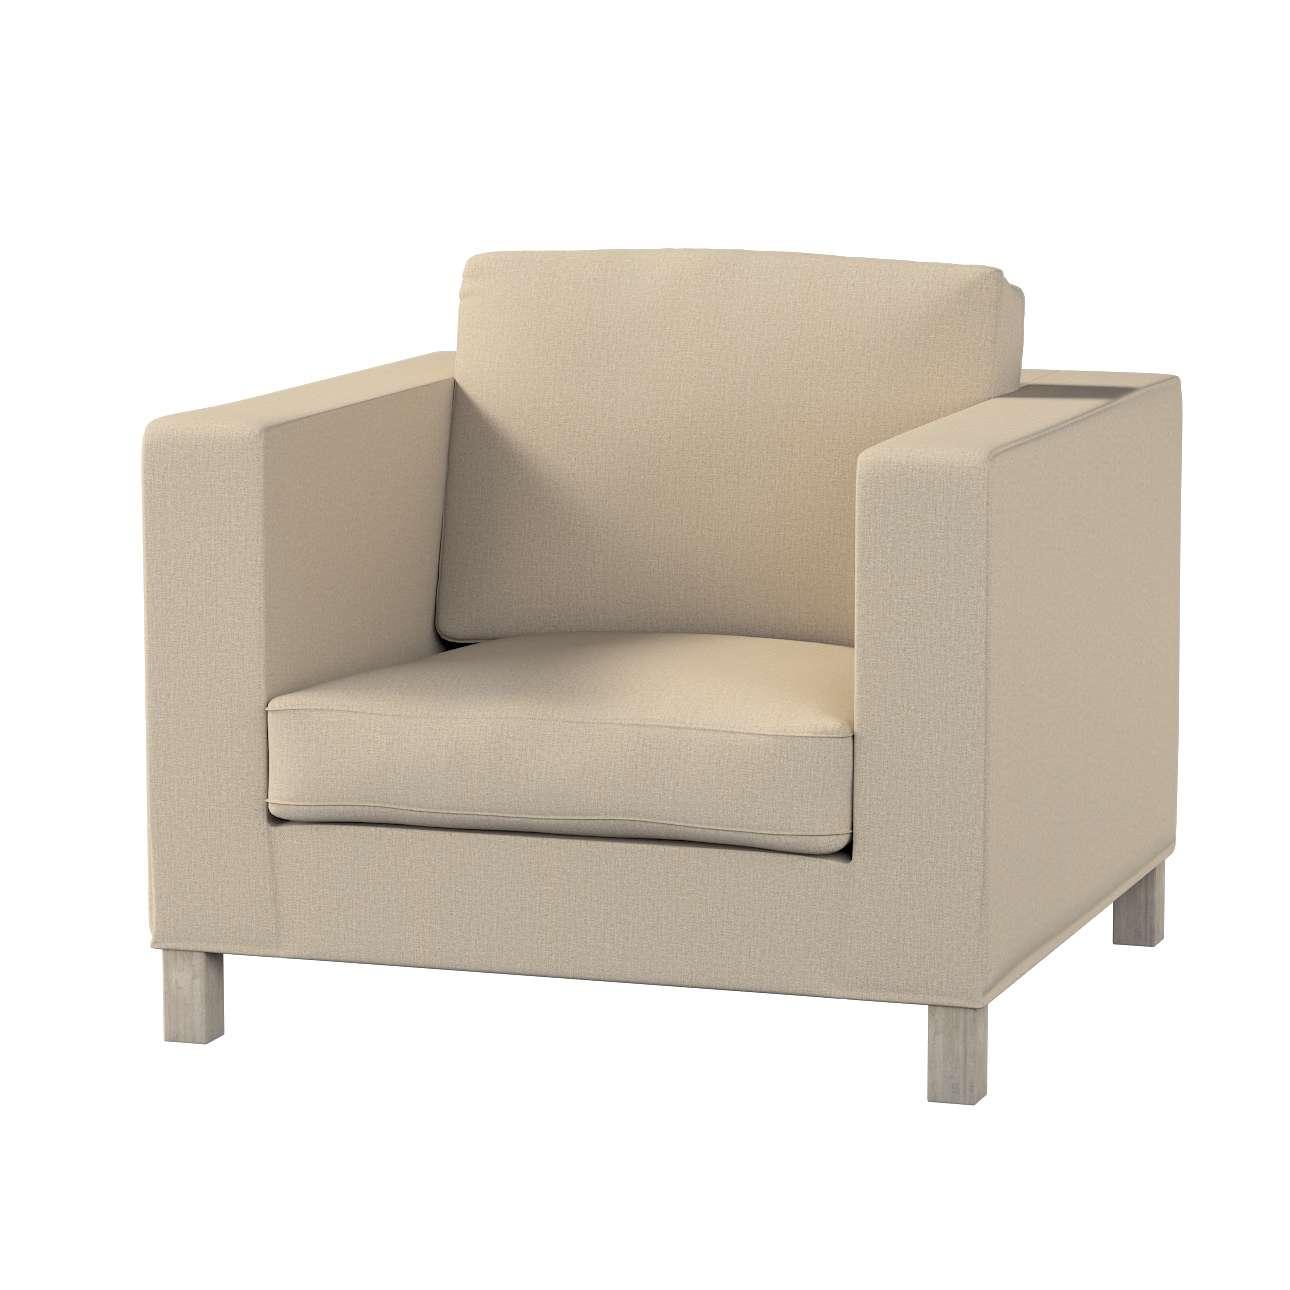 KARLANDA fotelio užvalkalas KARLANDA fotelio užvalkalas kolekcijoje Edinburgh , audinys: 115-78